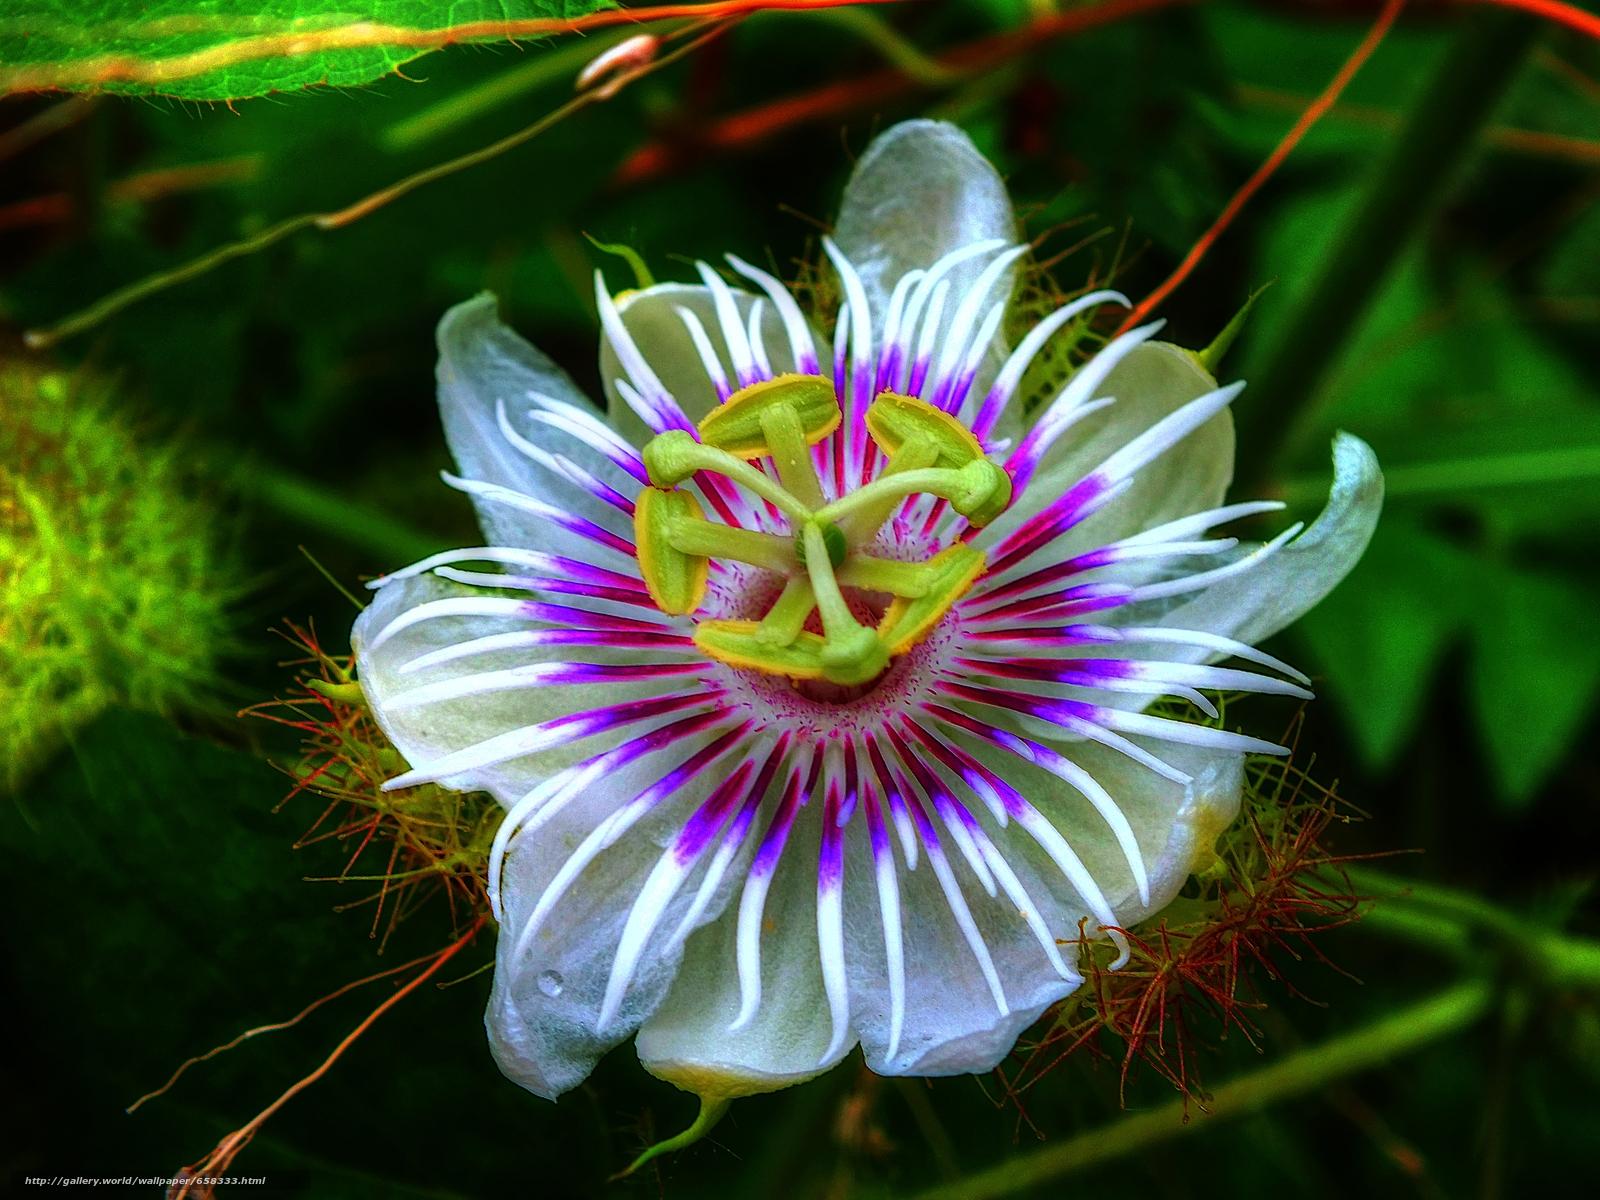 Tlcharger Fond d'ecran fleur,  Fleurs,  flore Fonds d'ecran gratuits pour votre rsolution du bureau 4608x3456 — image №658333